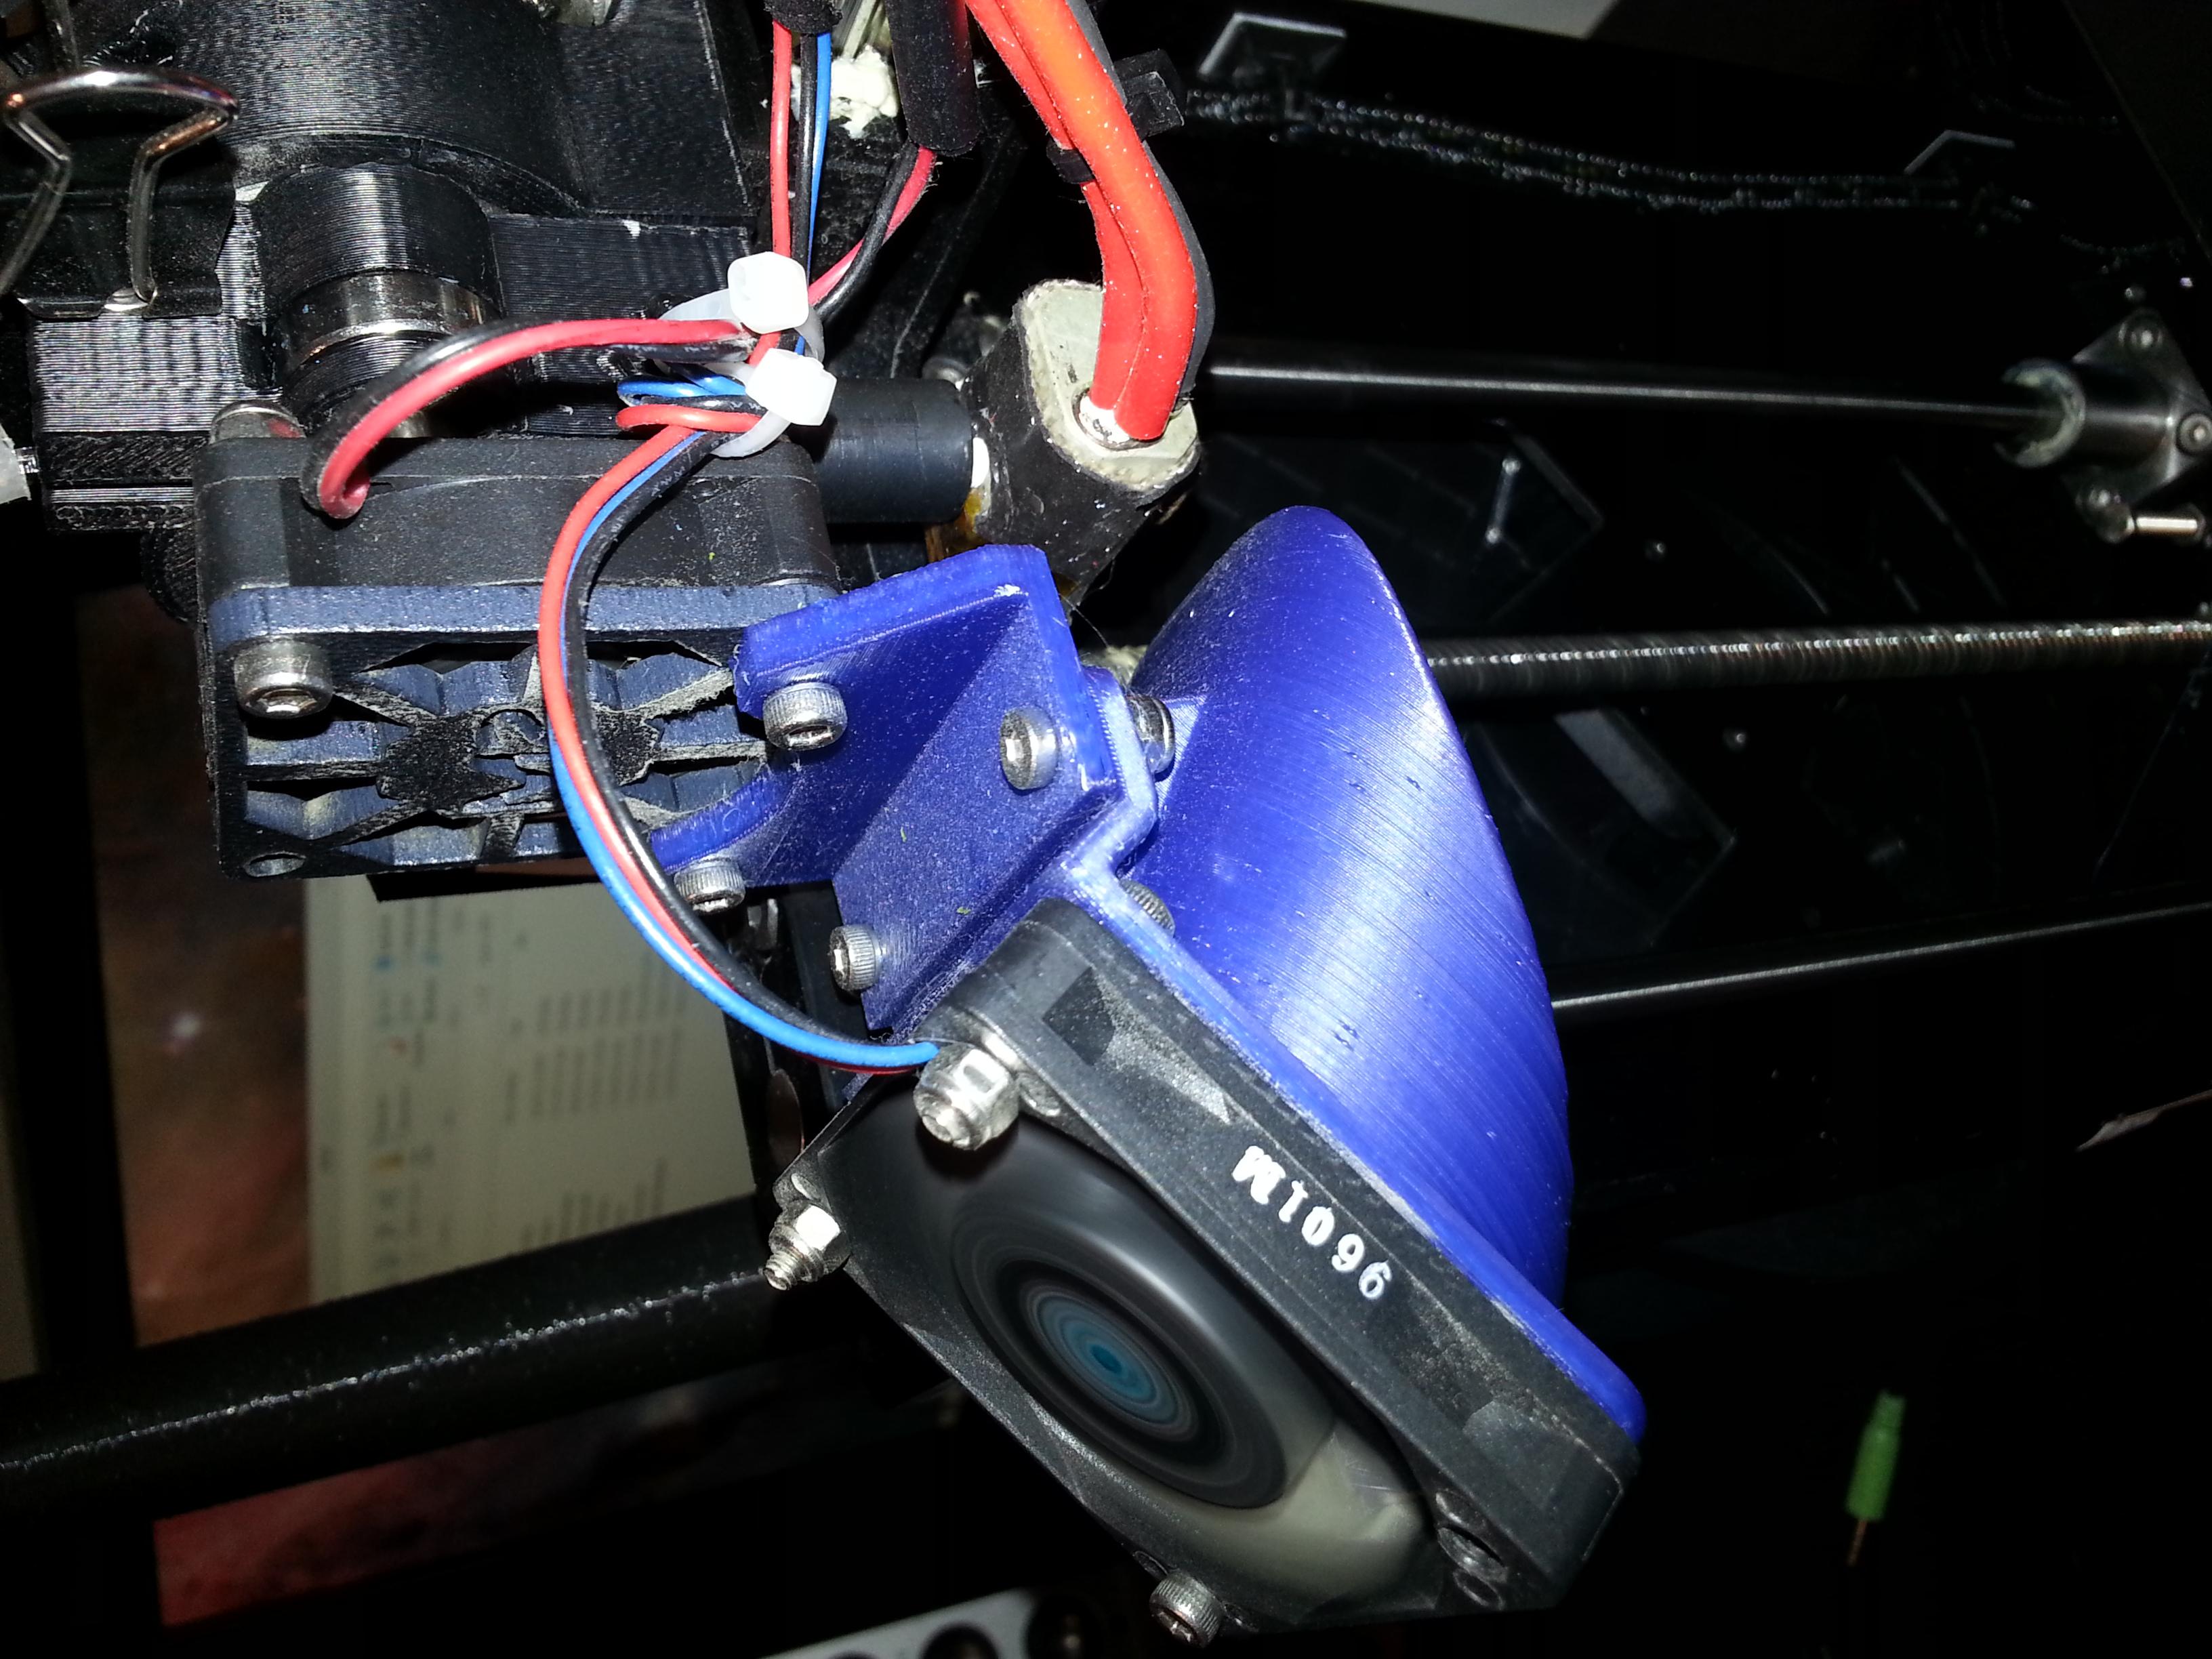 MakerGear M2 Fan Duct & Bracket   MakerGear M2 - 0.2mm layers - Blue PLA